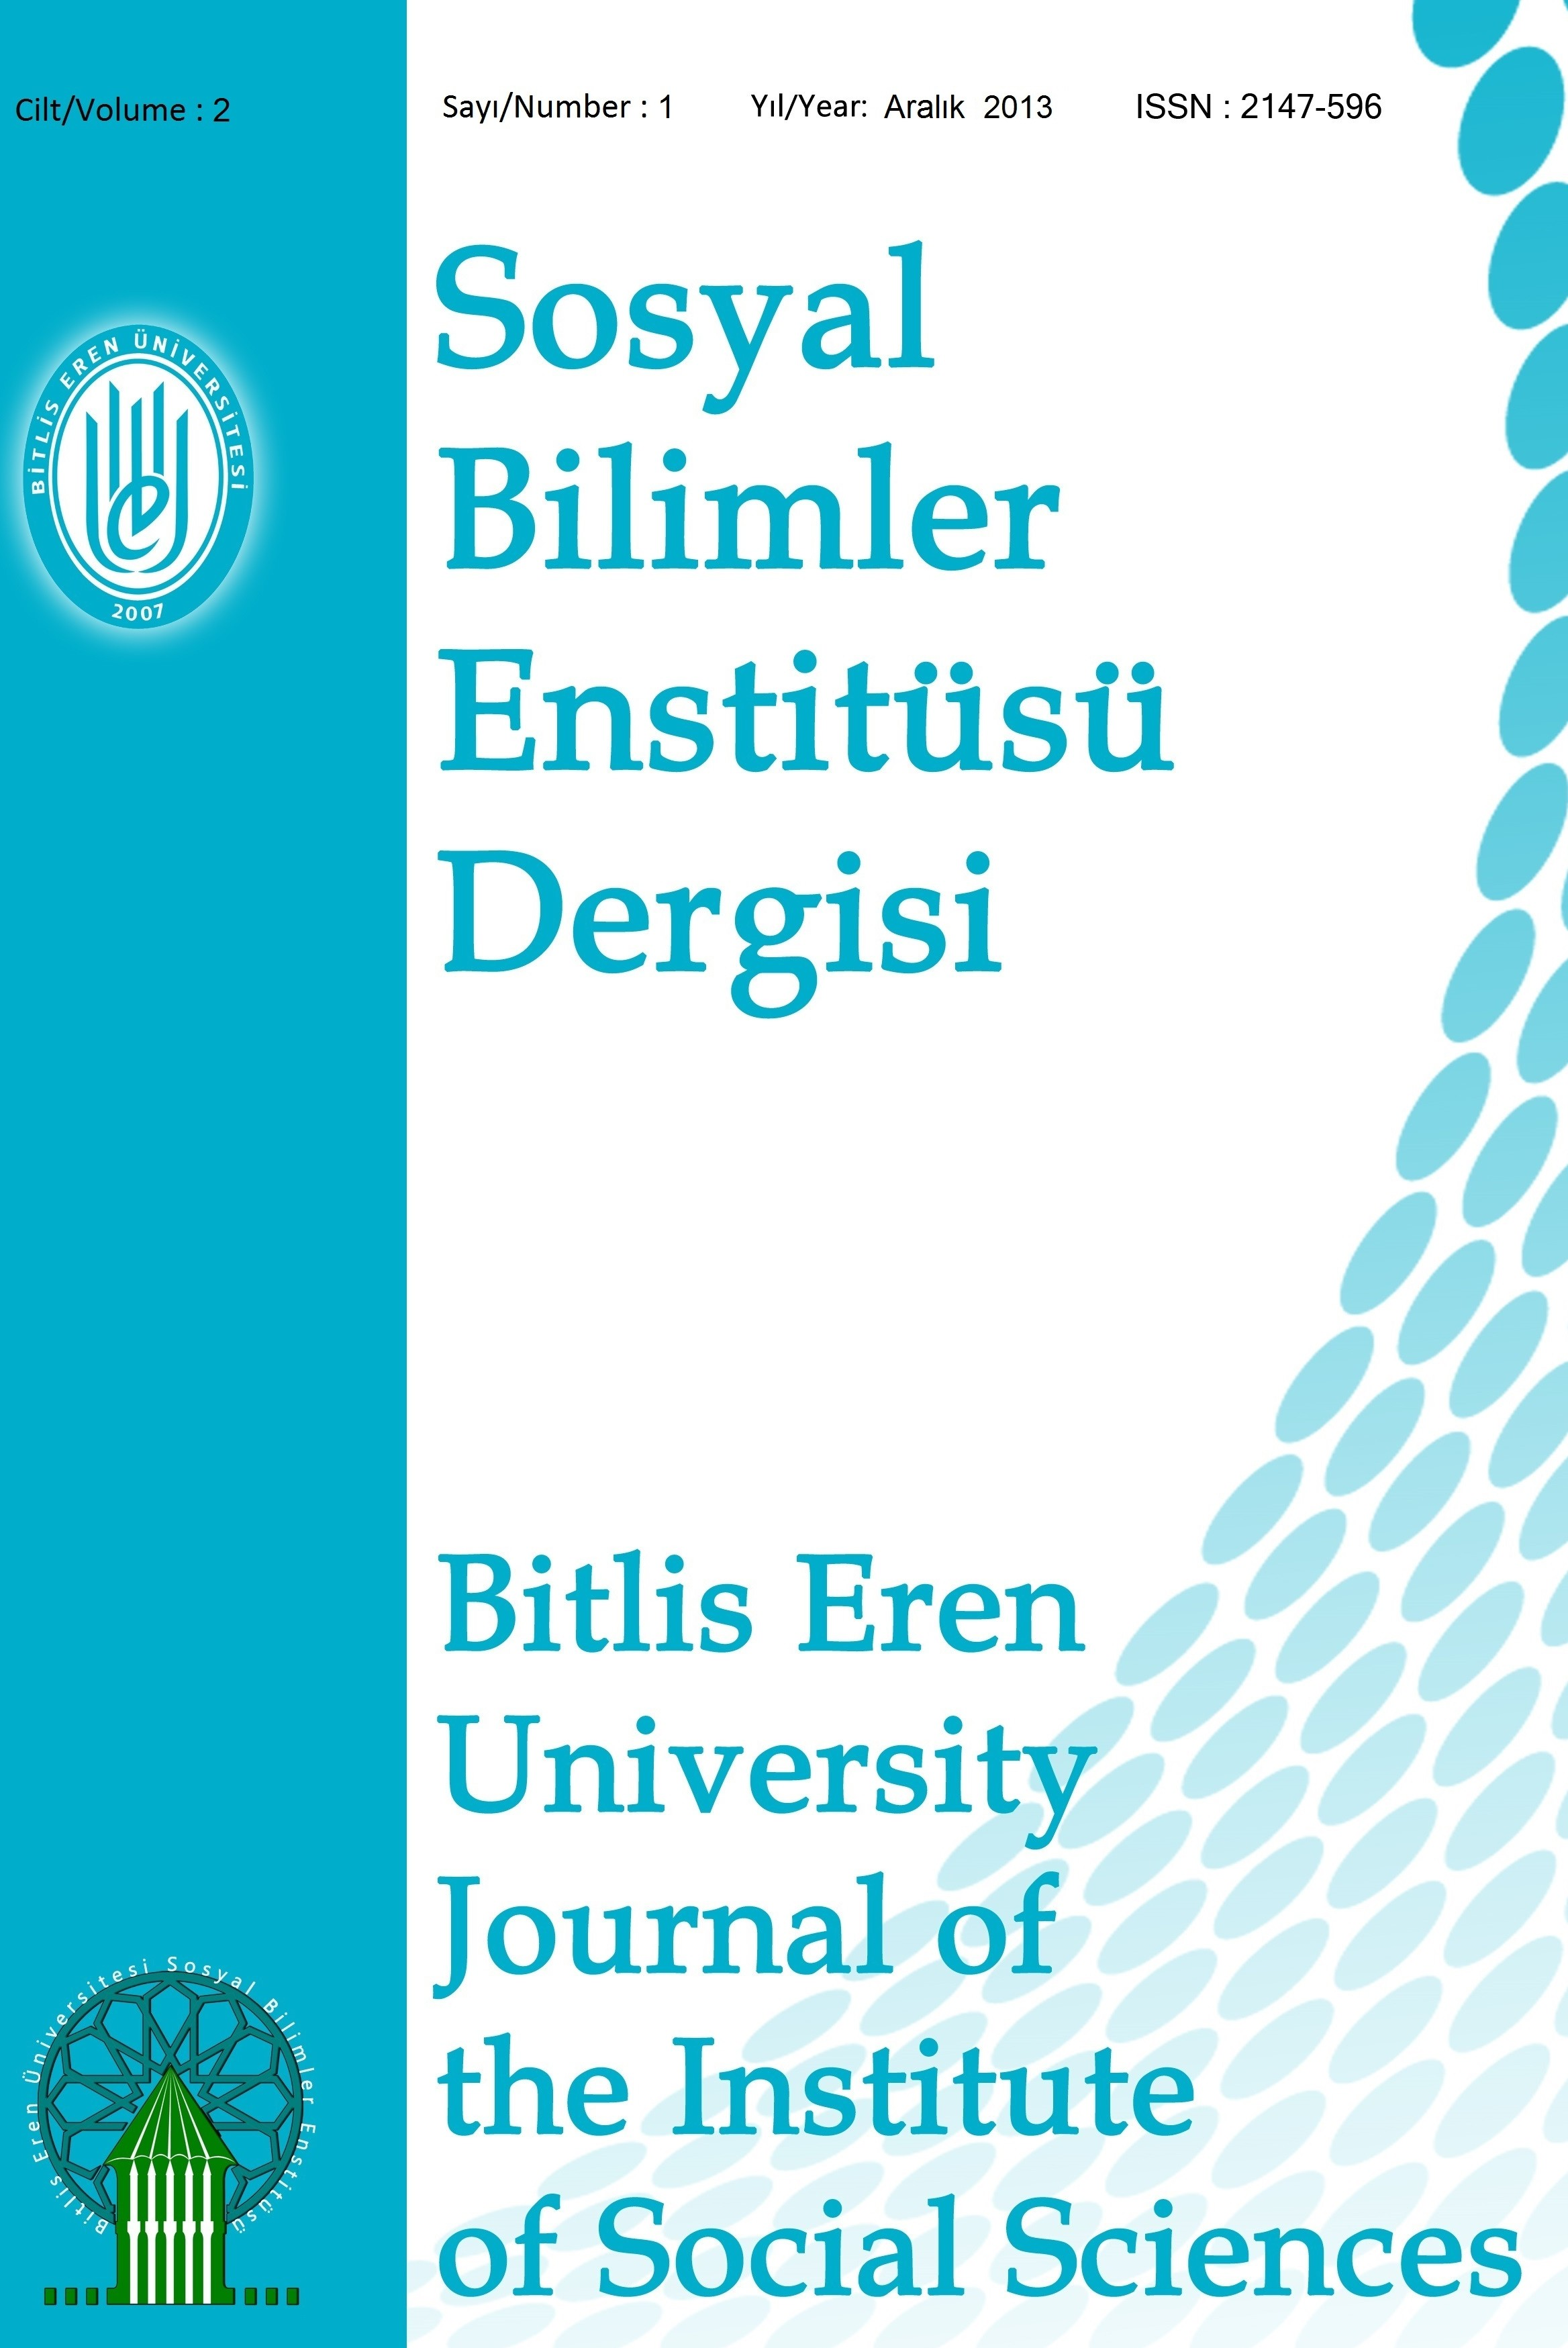 Bitlis Eren Üniversitesi Sosyal Bilimler Enstitüsü Dergisi